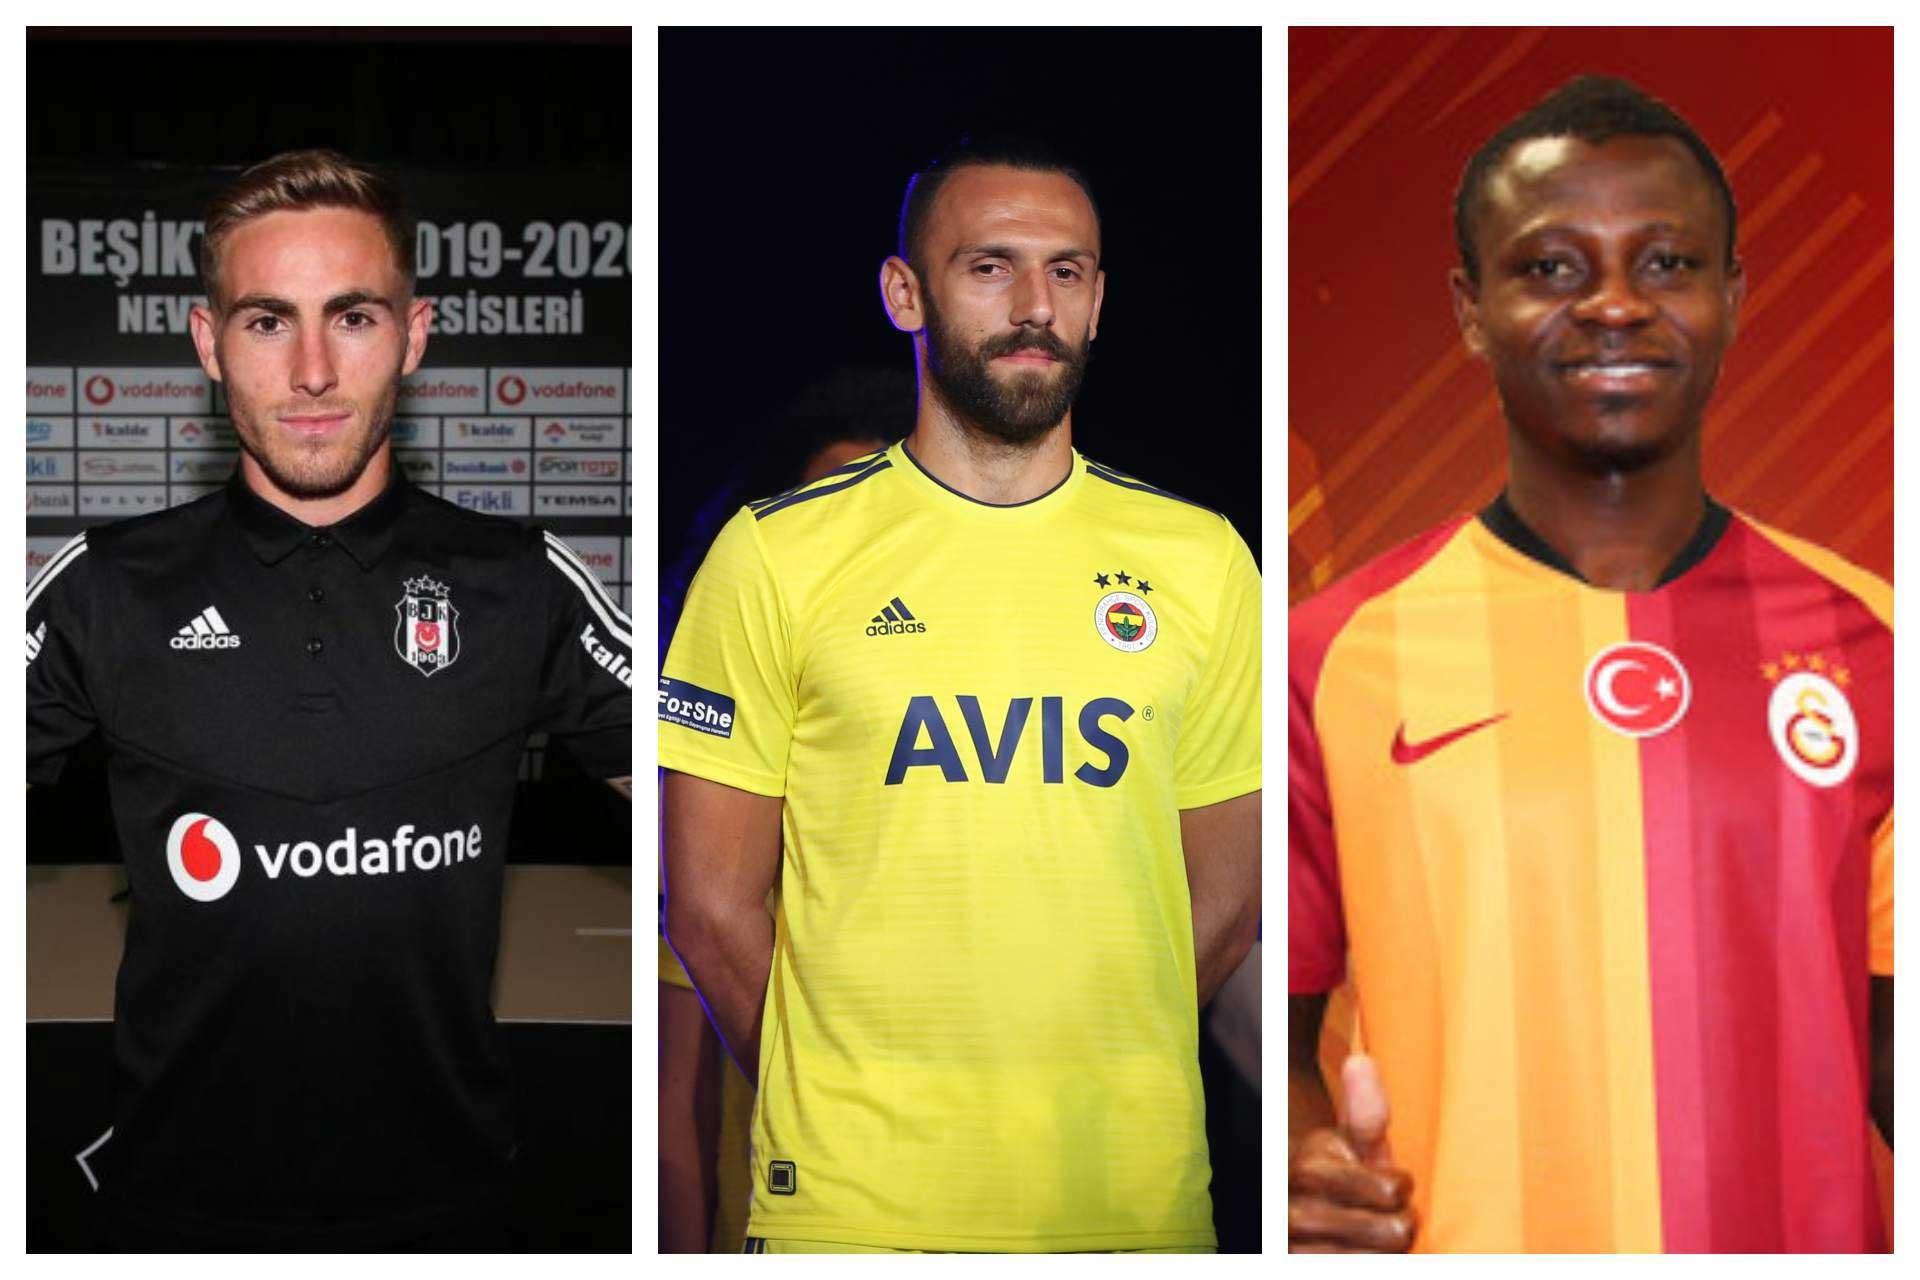 Süper Lig'de yaz transfer dönemi   Tüm kulüplerde gelenler-gidenler